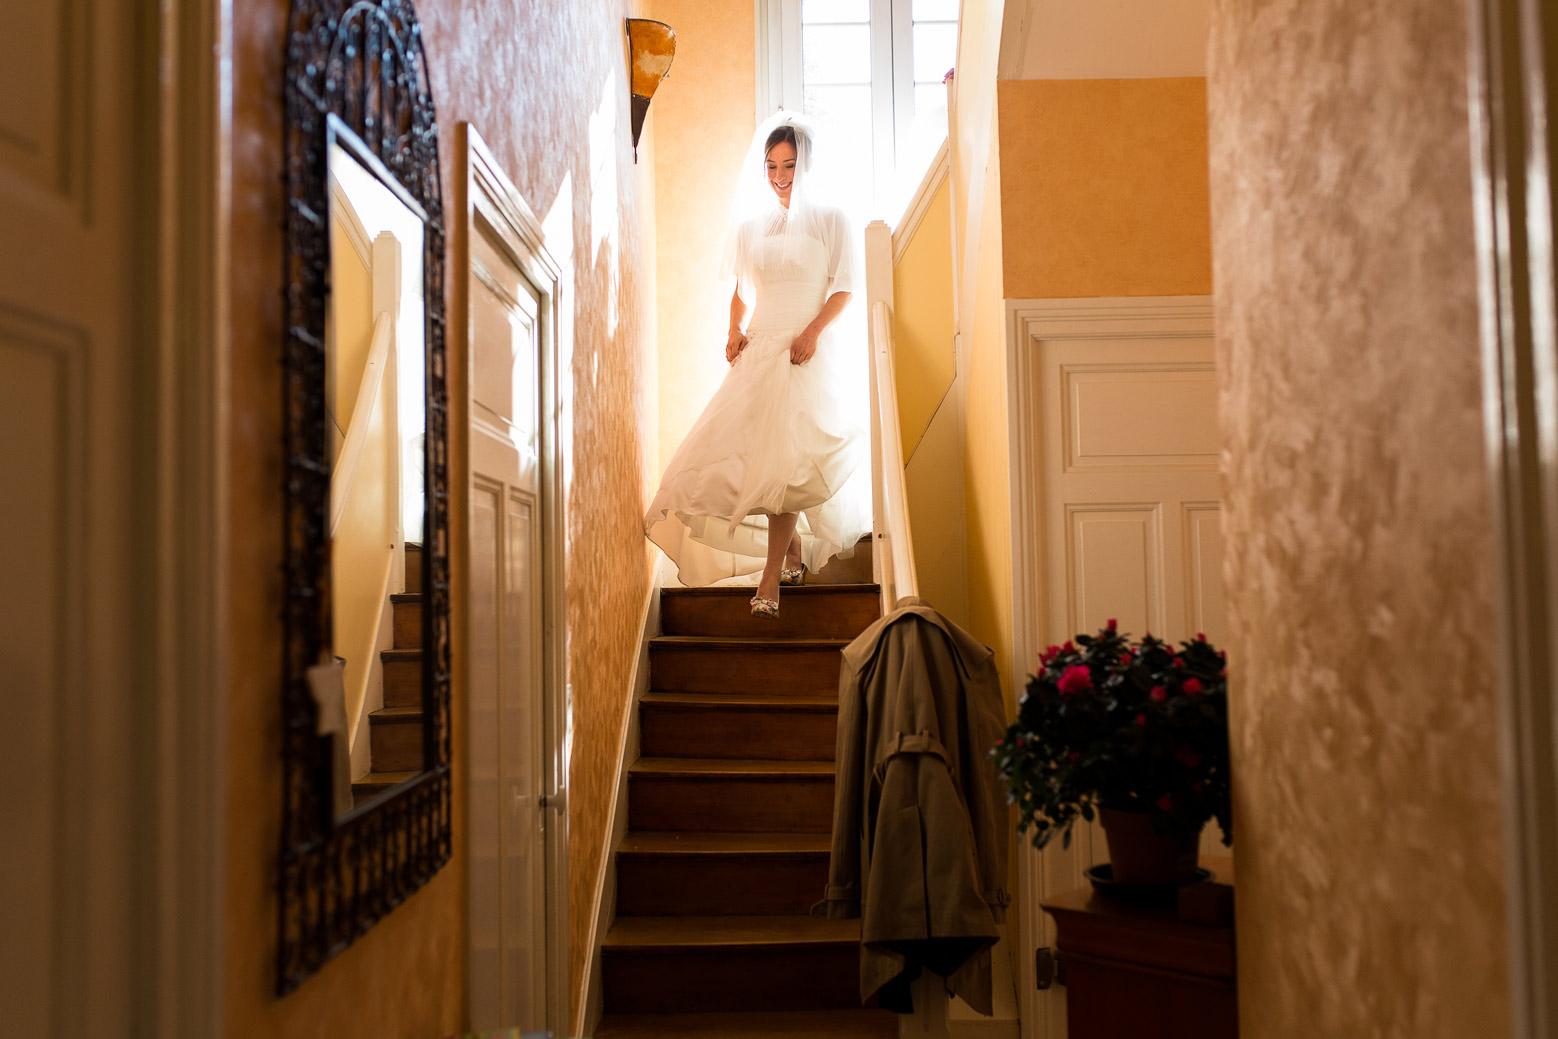 Hotel Royal Saint Mart Royat Clermont Ferrand Descente d'escalier de la mariée